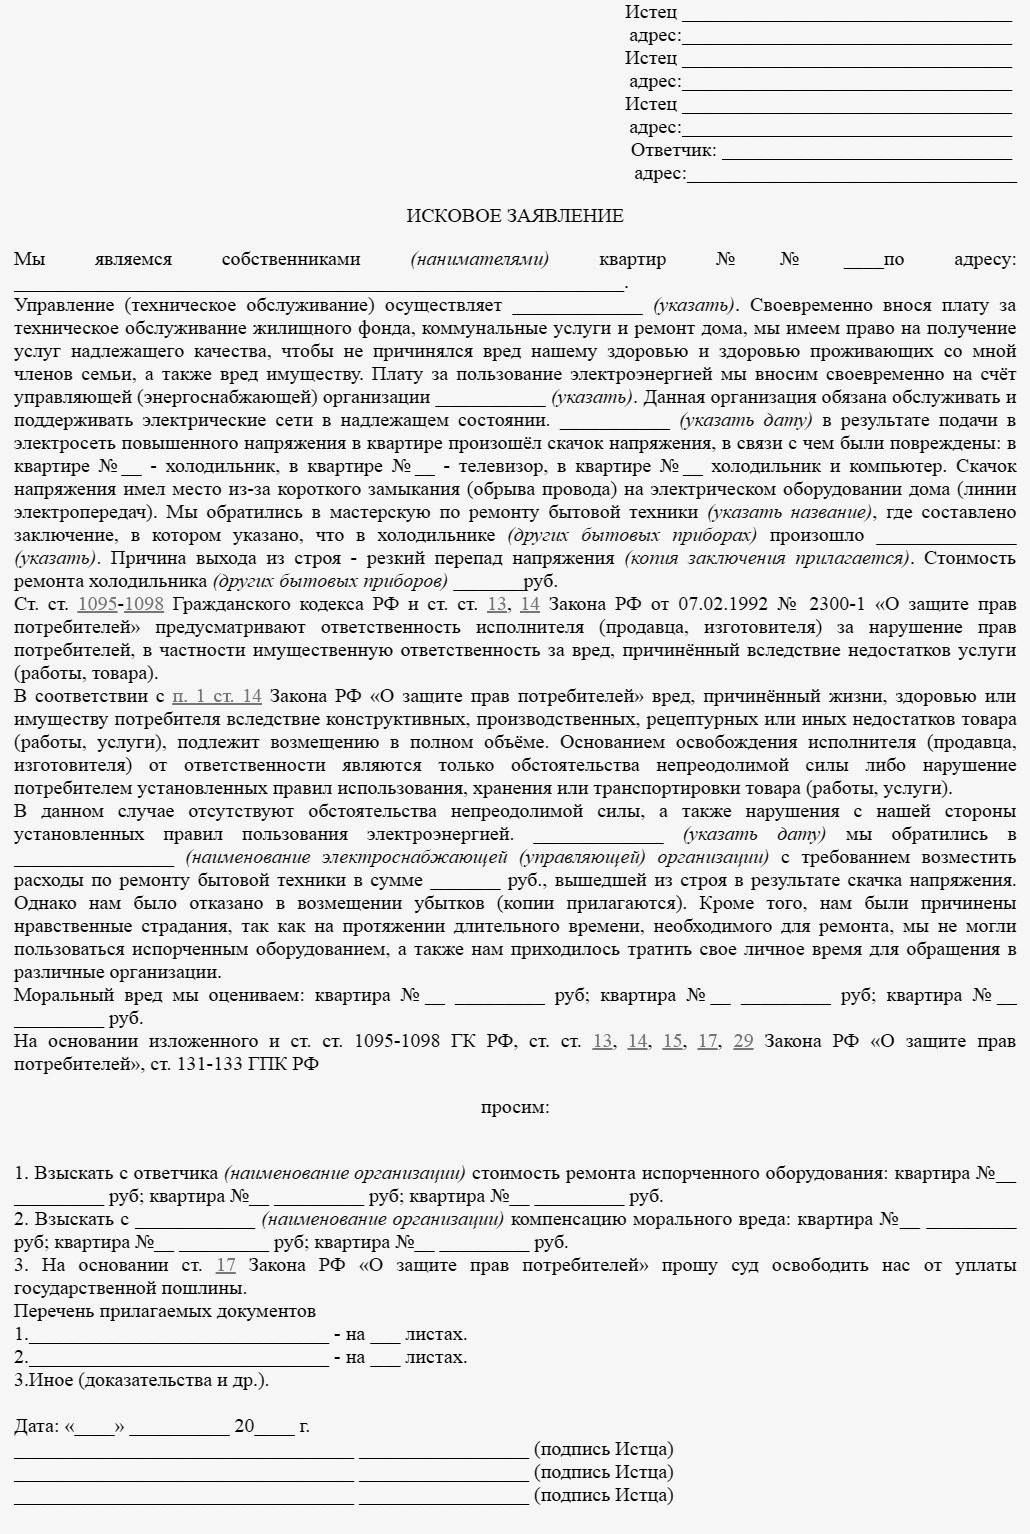 Изображение - Жалоба на ук в жилищную инспекцию и её образец obrazec-kollektivnogo-iska-na-upravlyayushhuyu-kompaniyu